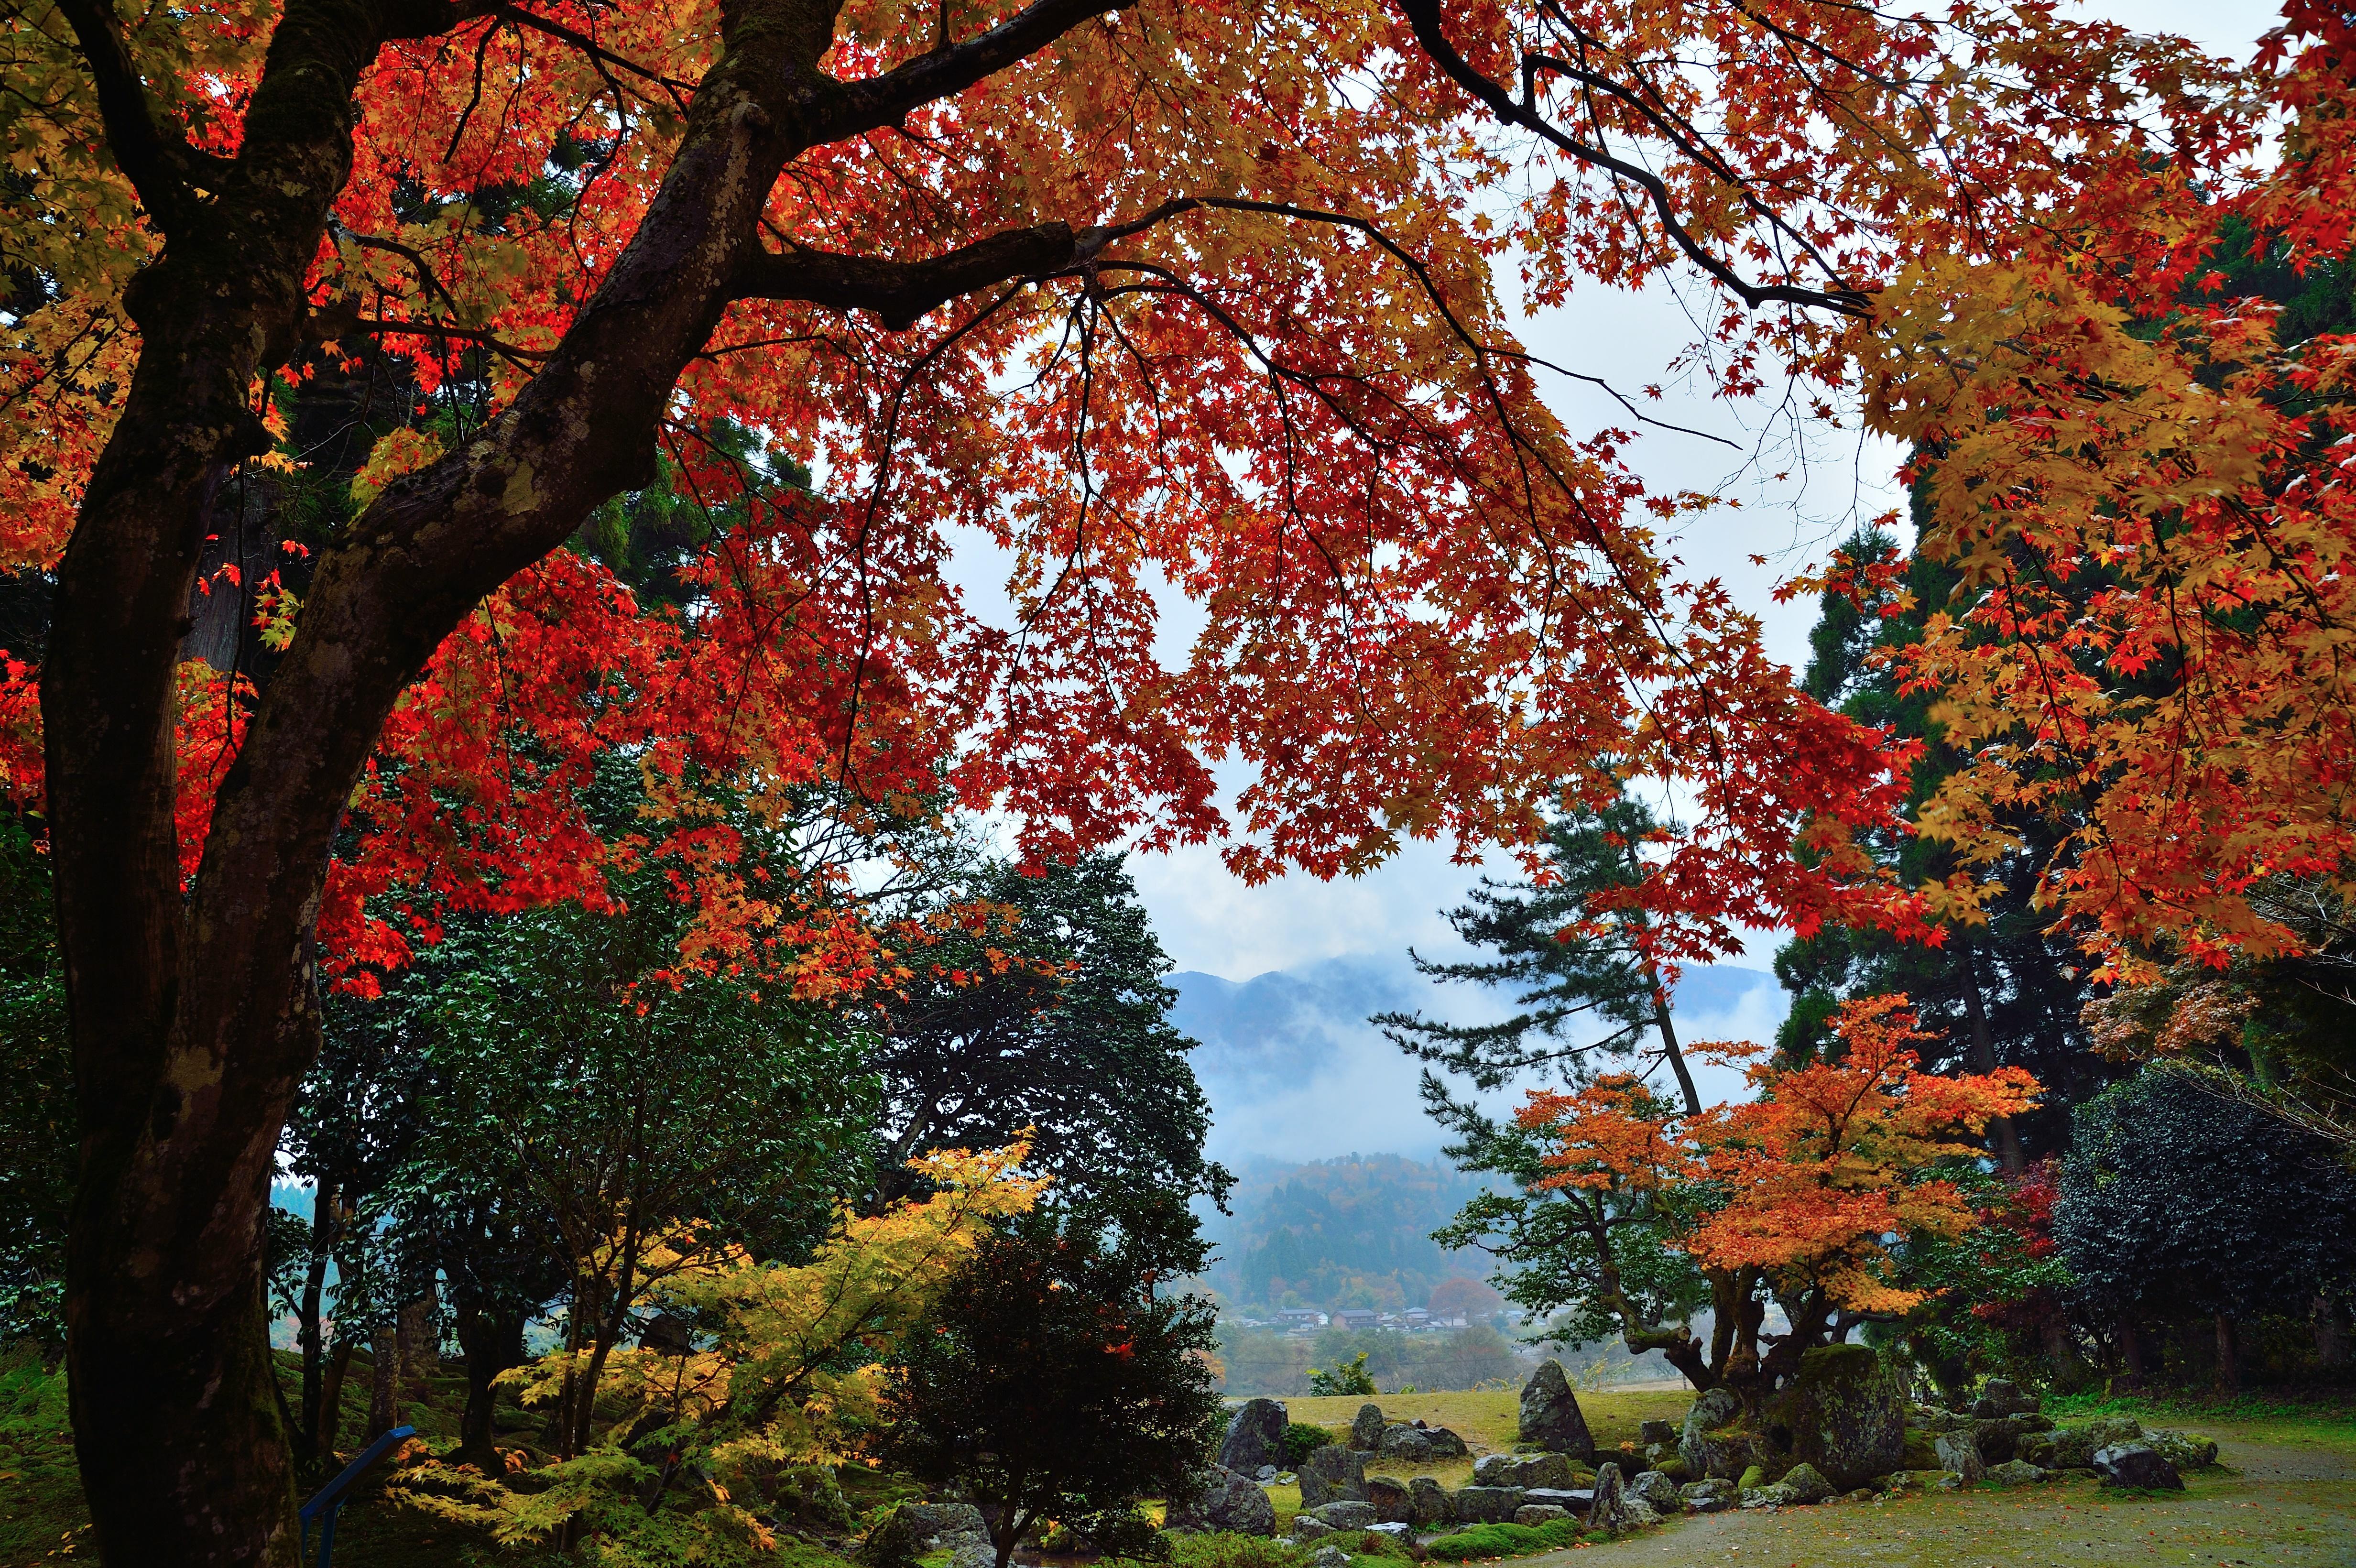 雨上がり映える紅葉